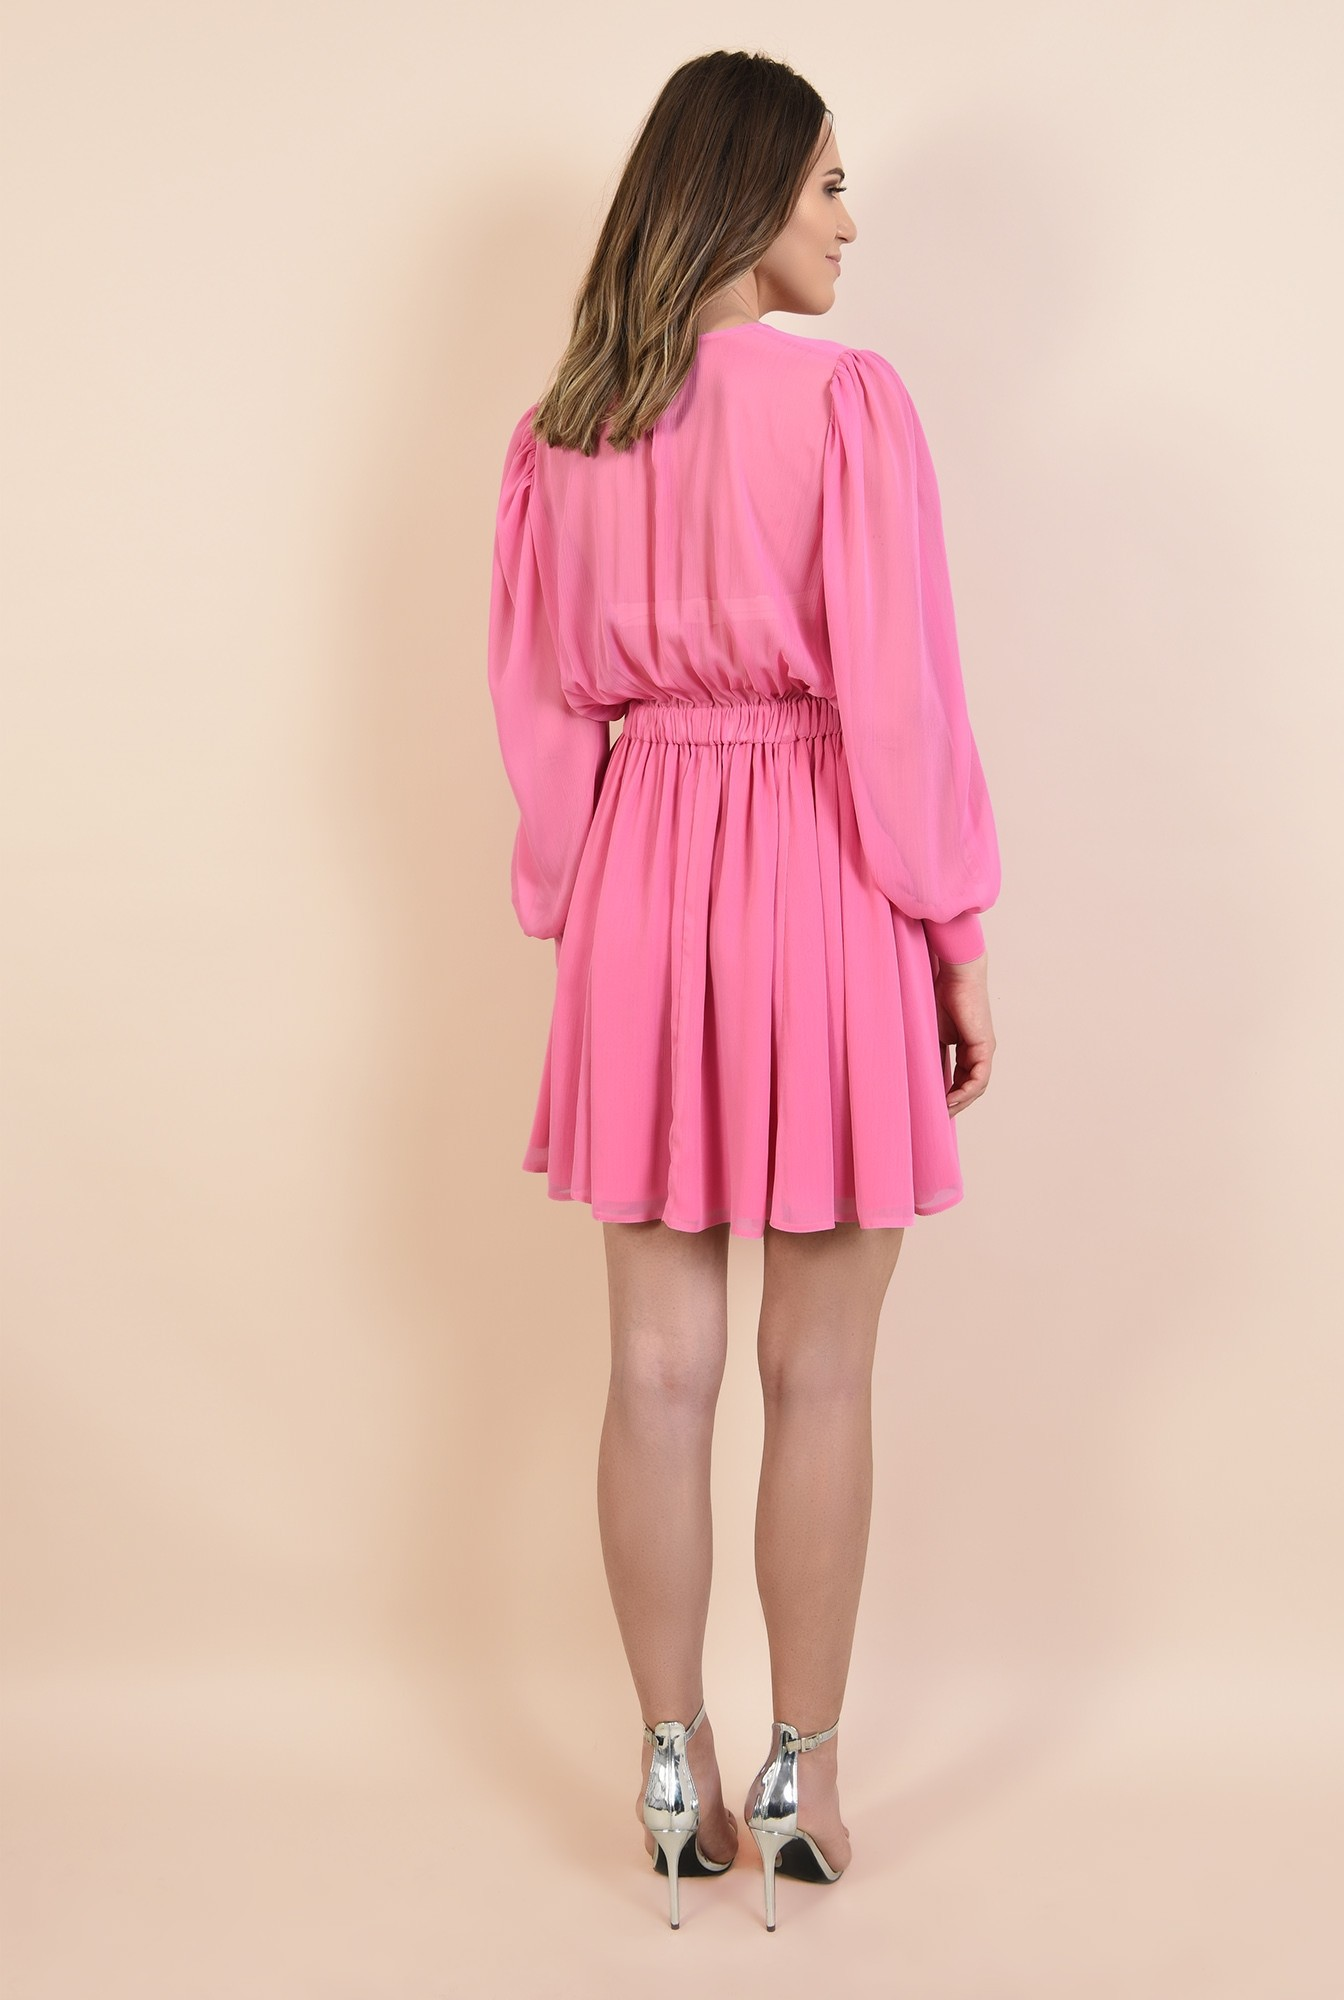 1 - rochie de seara, din voal roz, nasturi bijuterie, decolteu fronsat la baza gatului